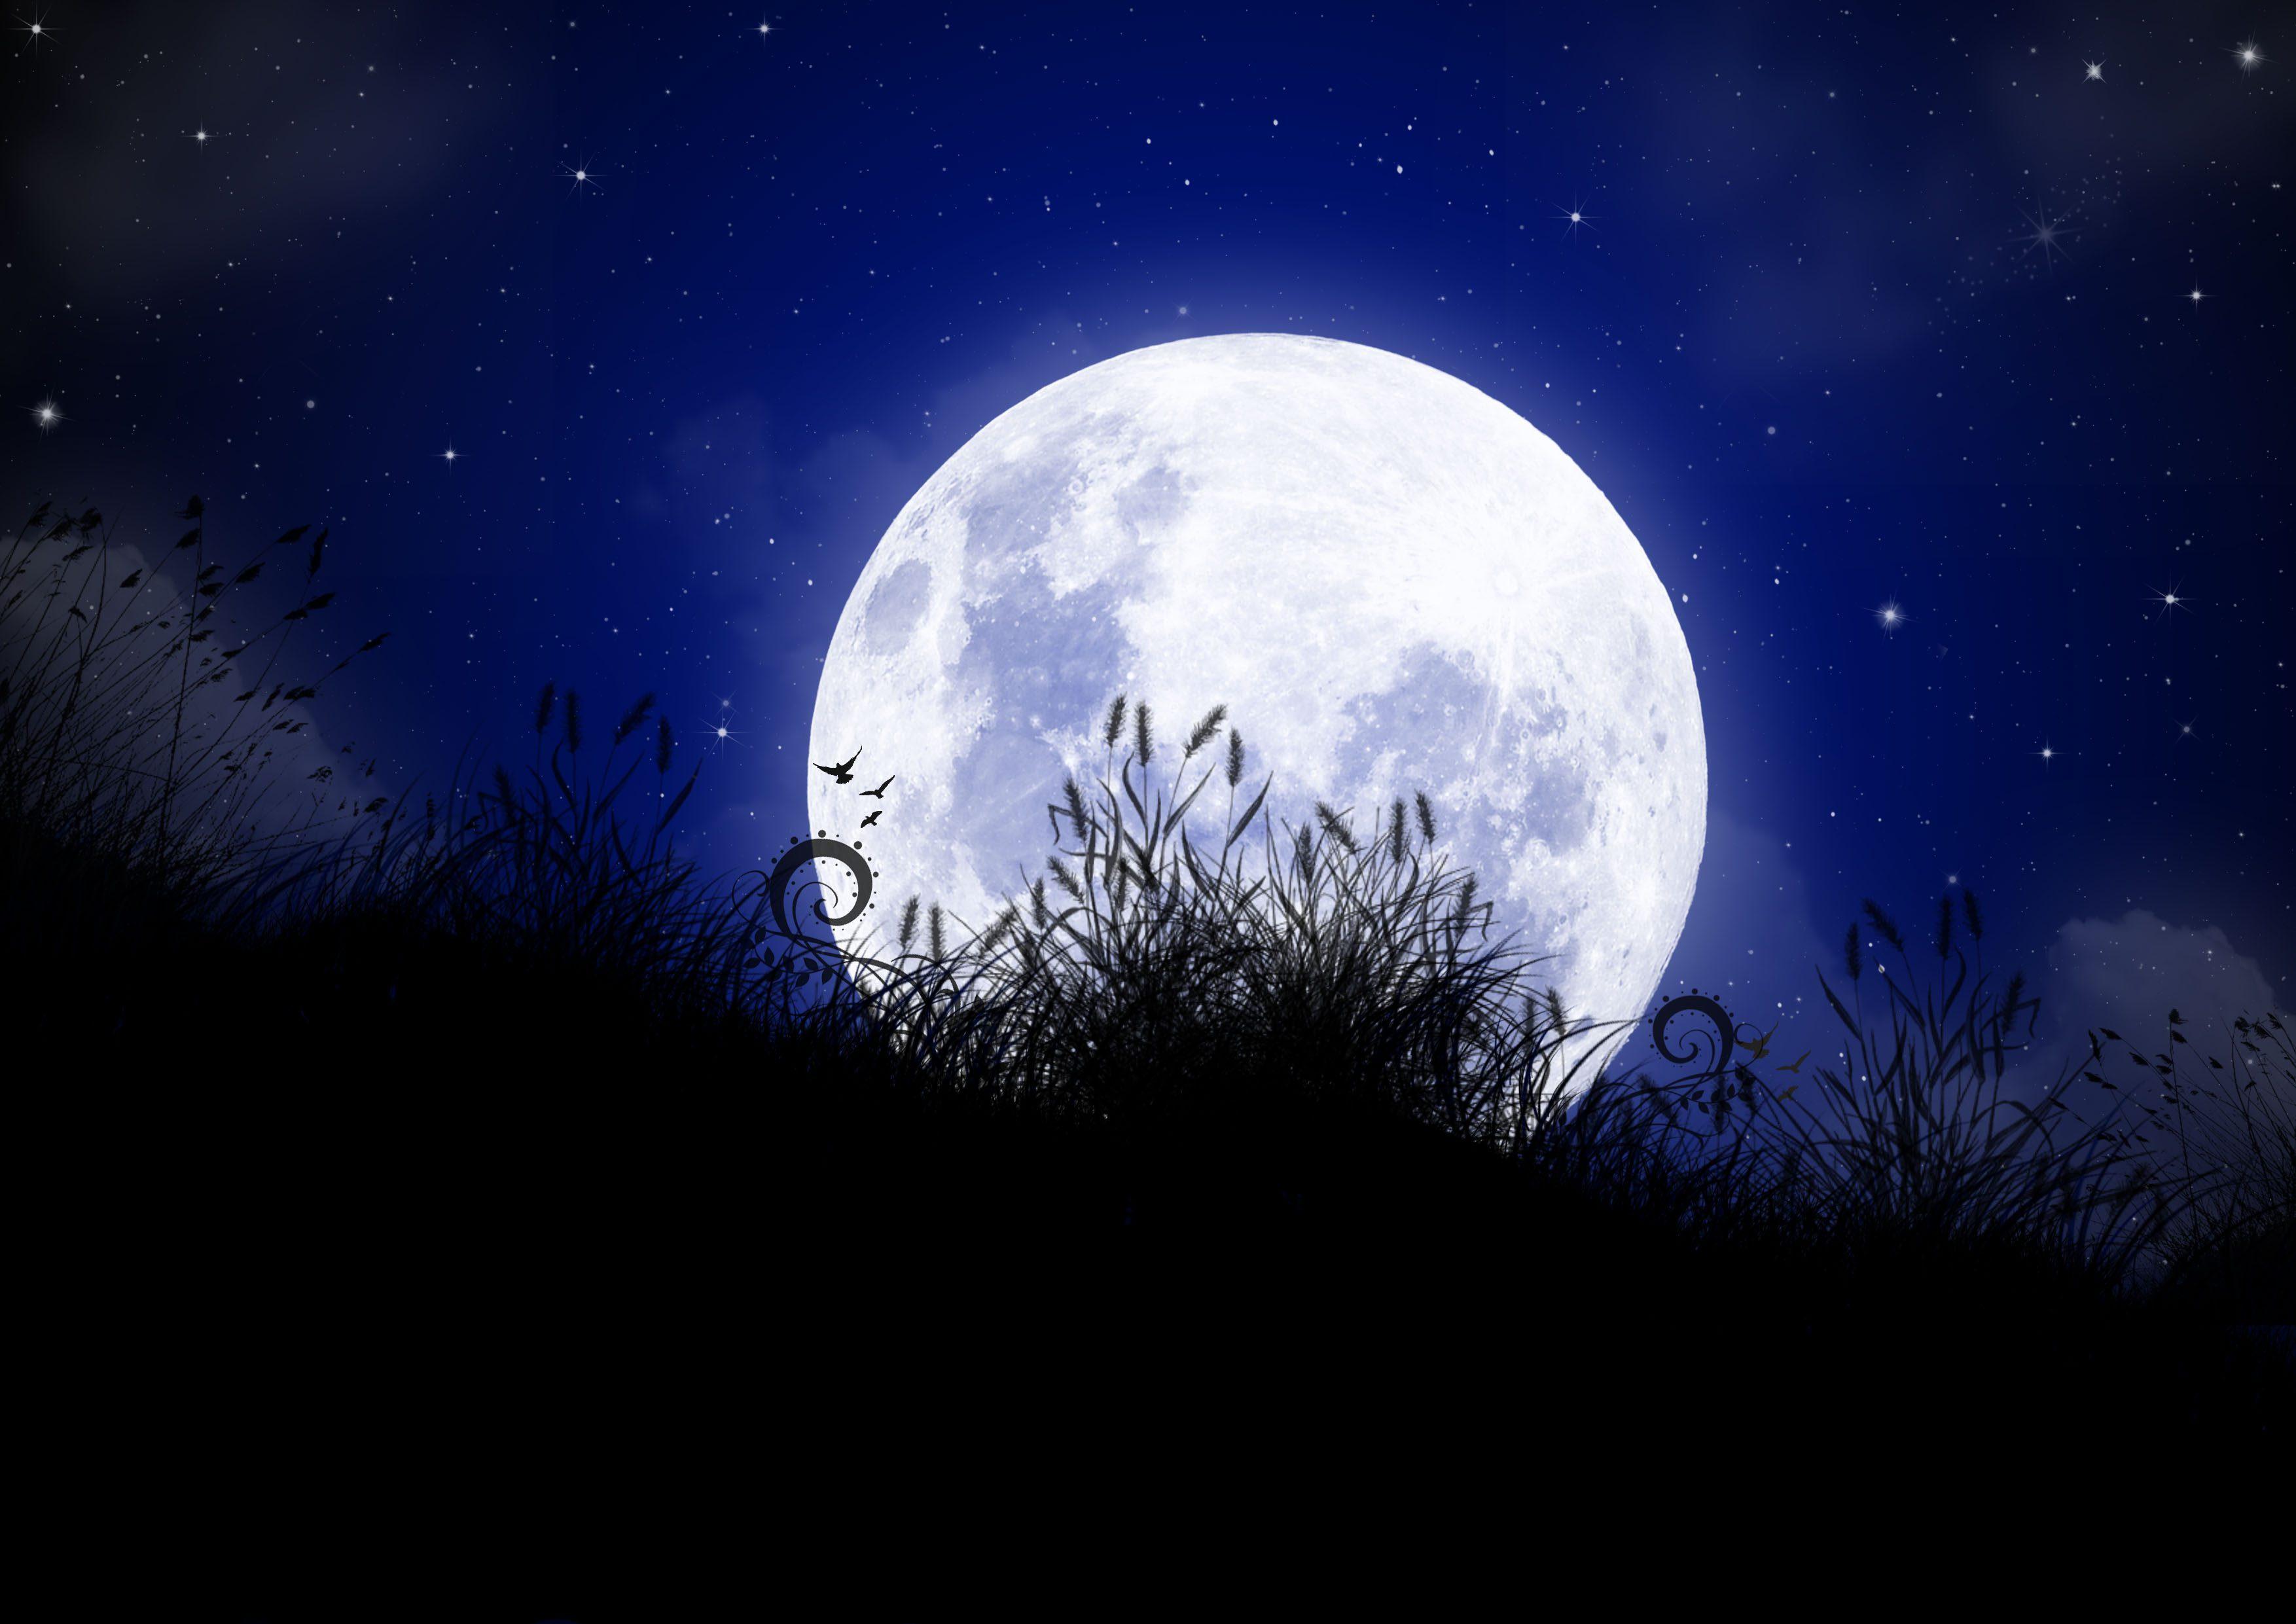 under-the-moonlight